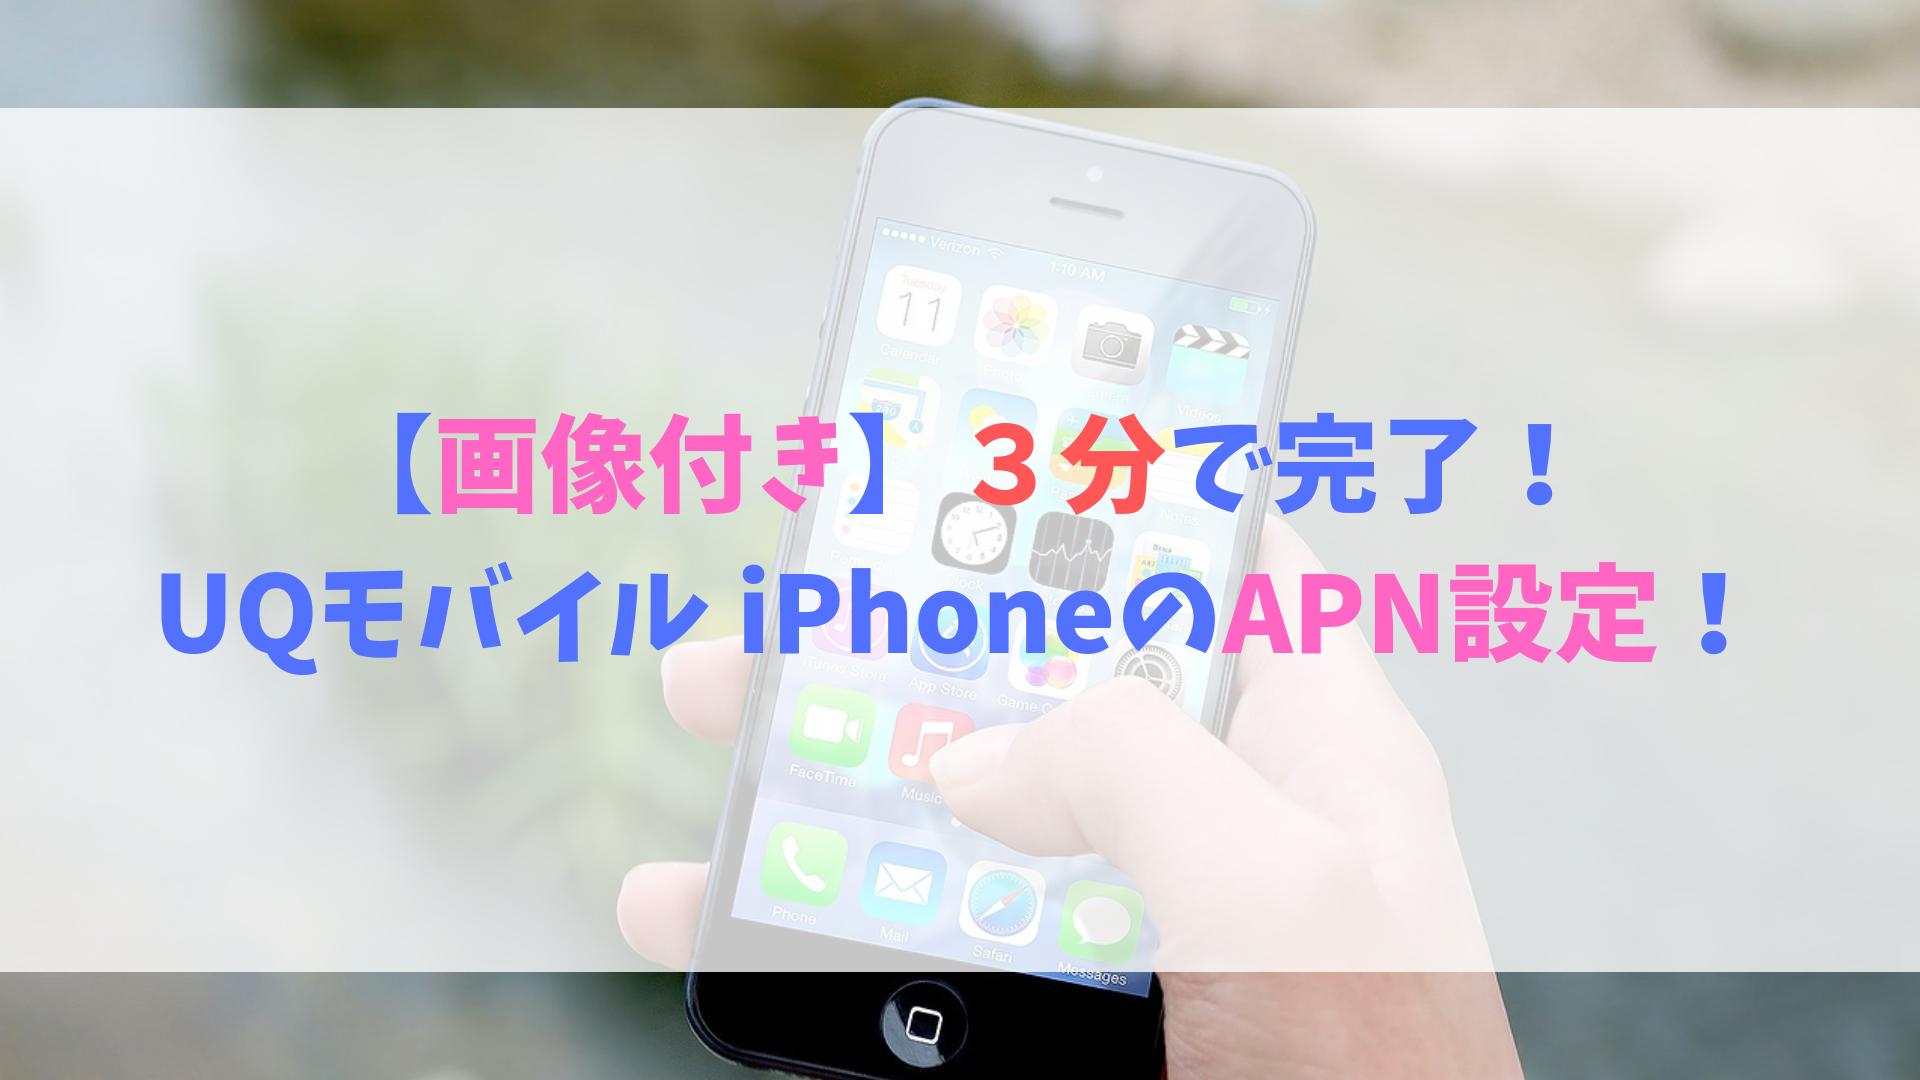 【画像付き】 3分で完了! UQモバイル iPhoneのAPN設定!-4